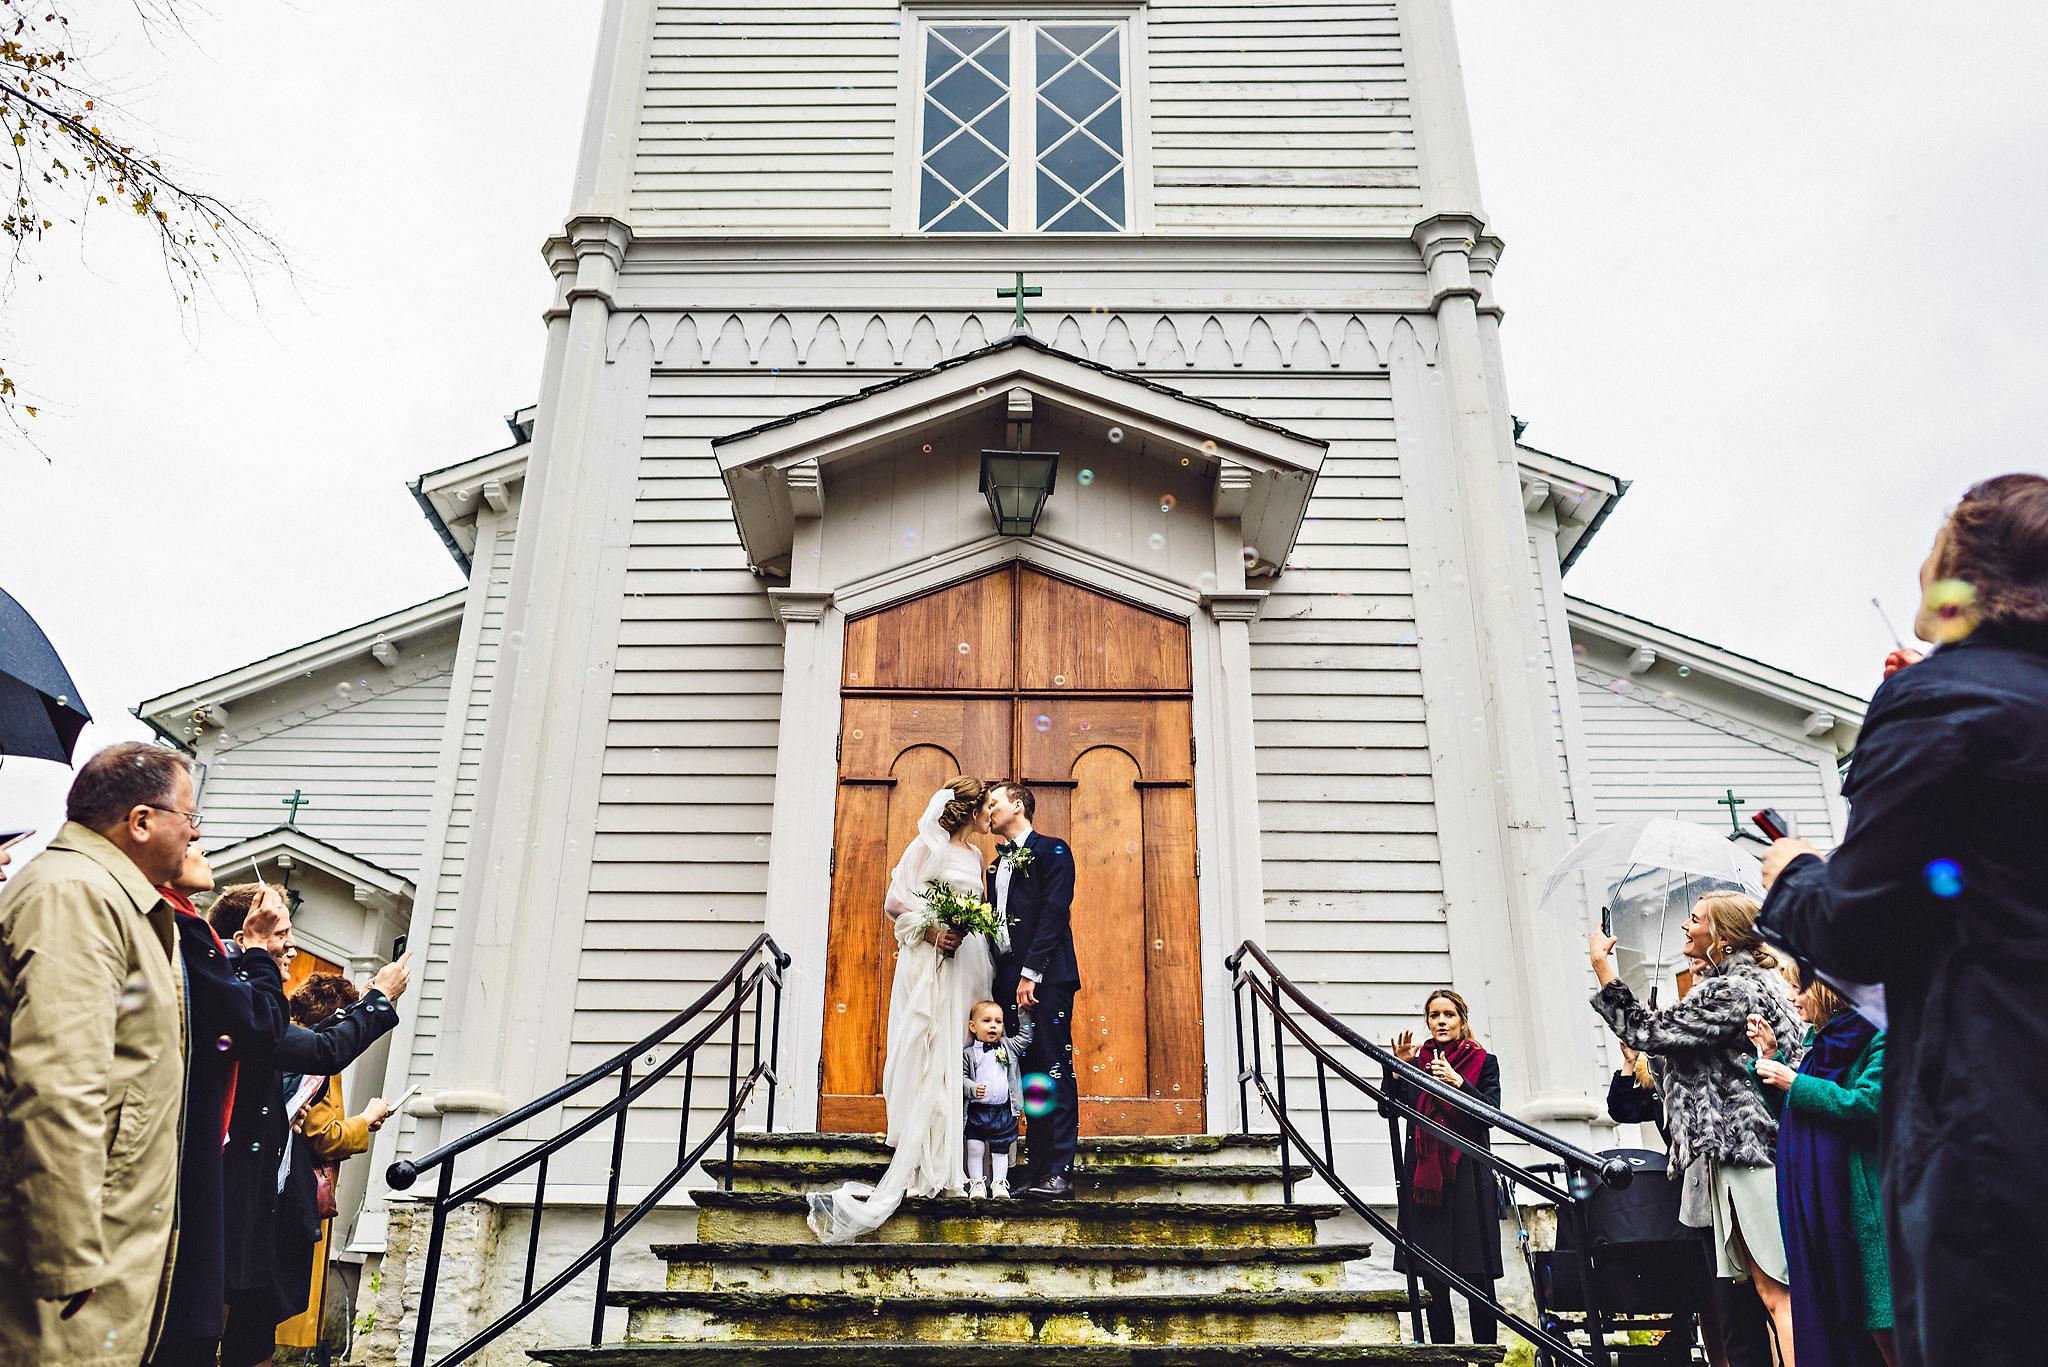 Eirik Halvorsen Marianne og Ole Martin bryllup blog-16.jpg